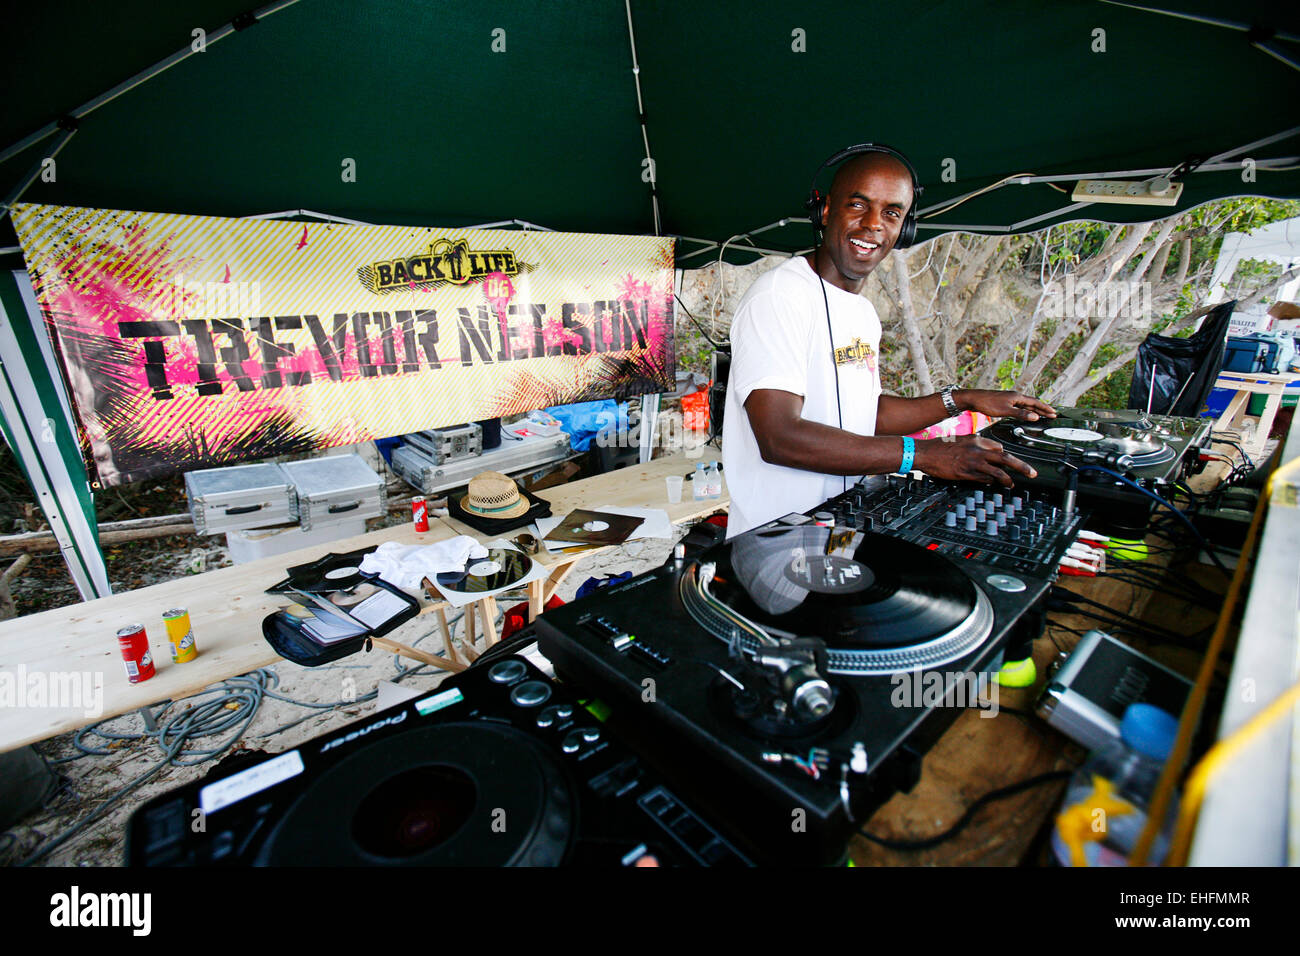 Trevor Nelson DJing in Antigua 2006 - Stock Image